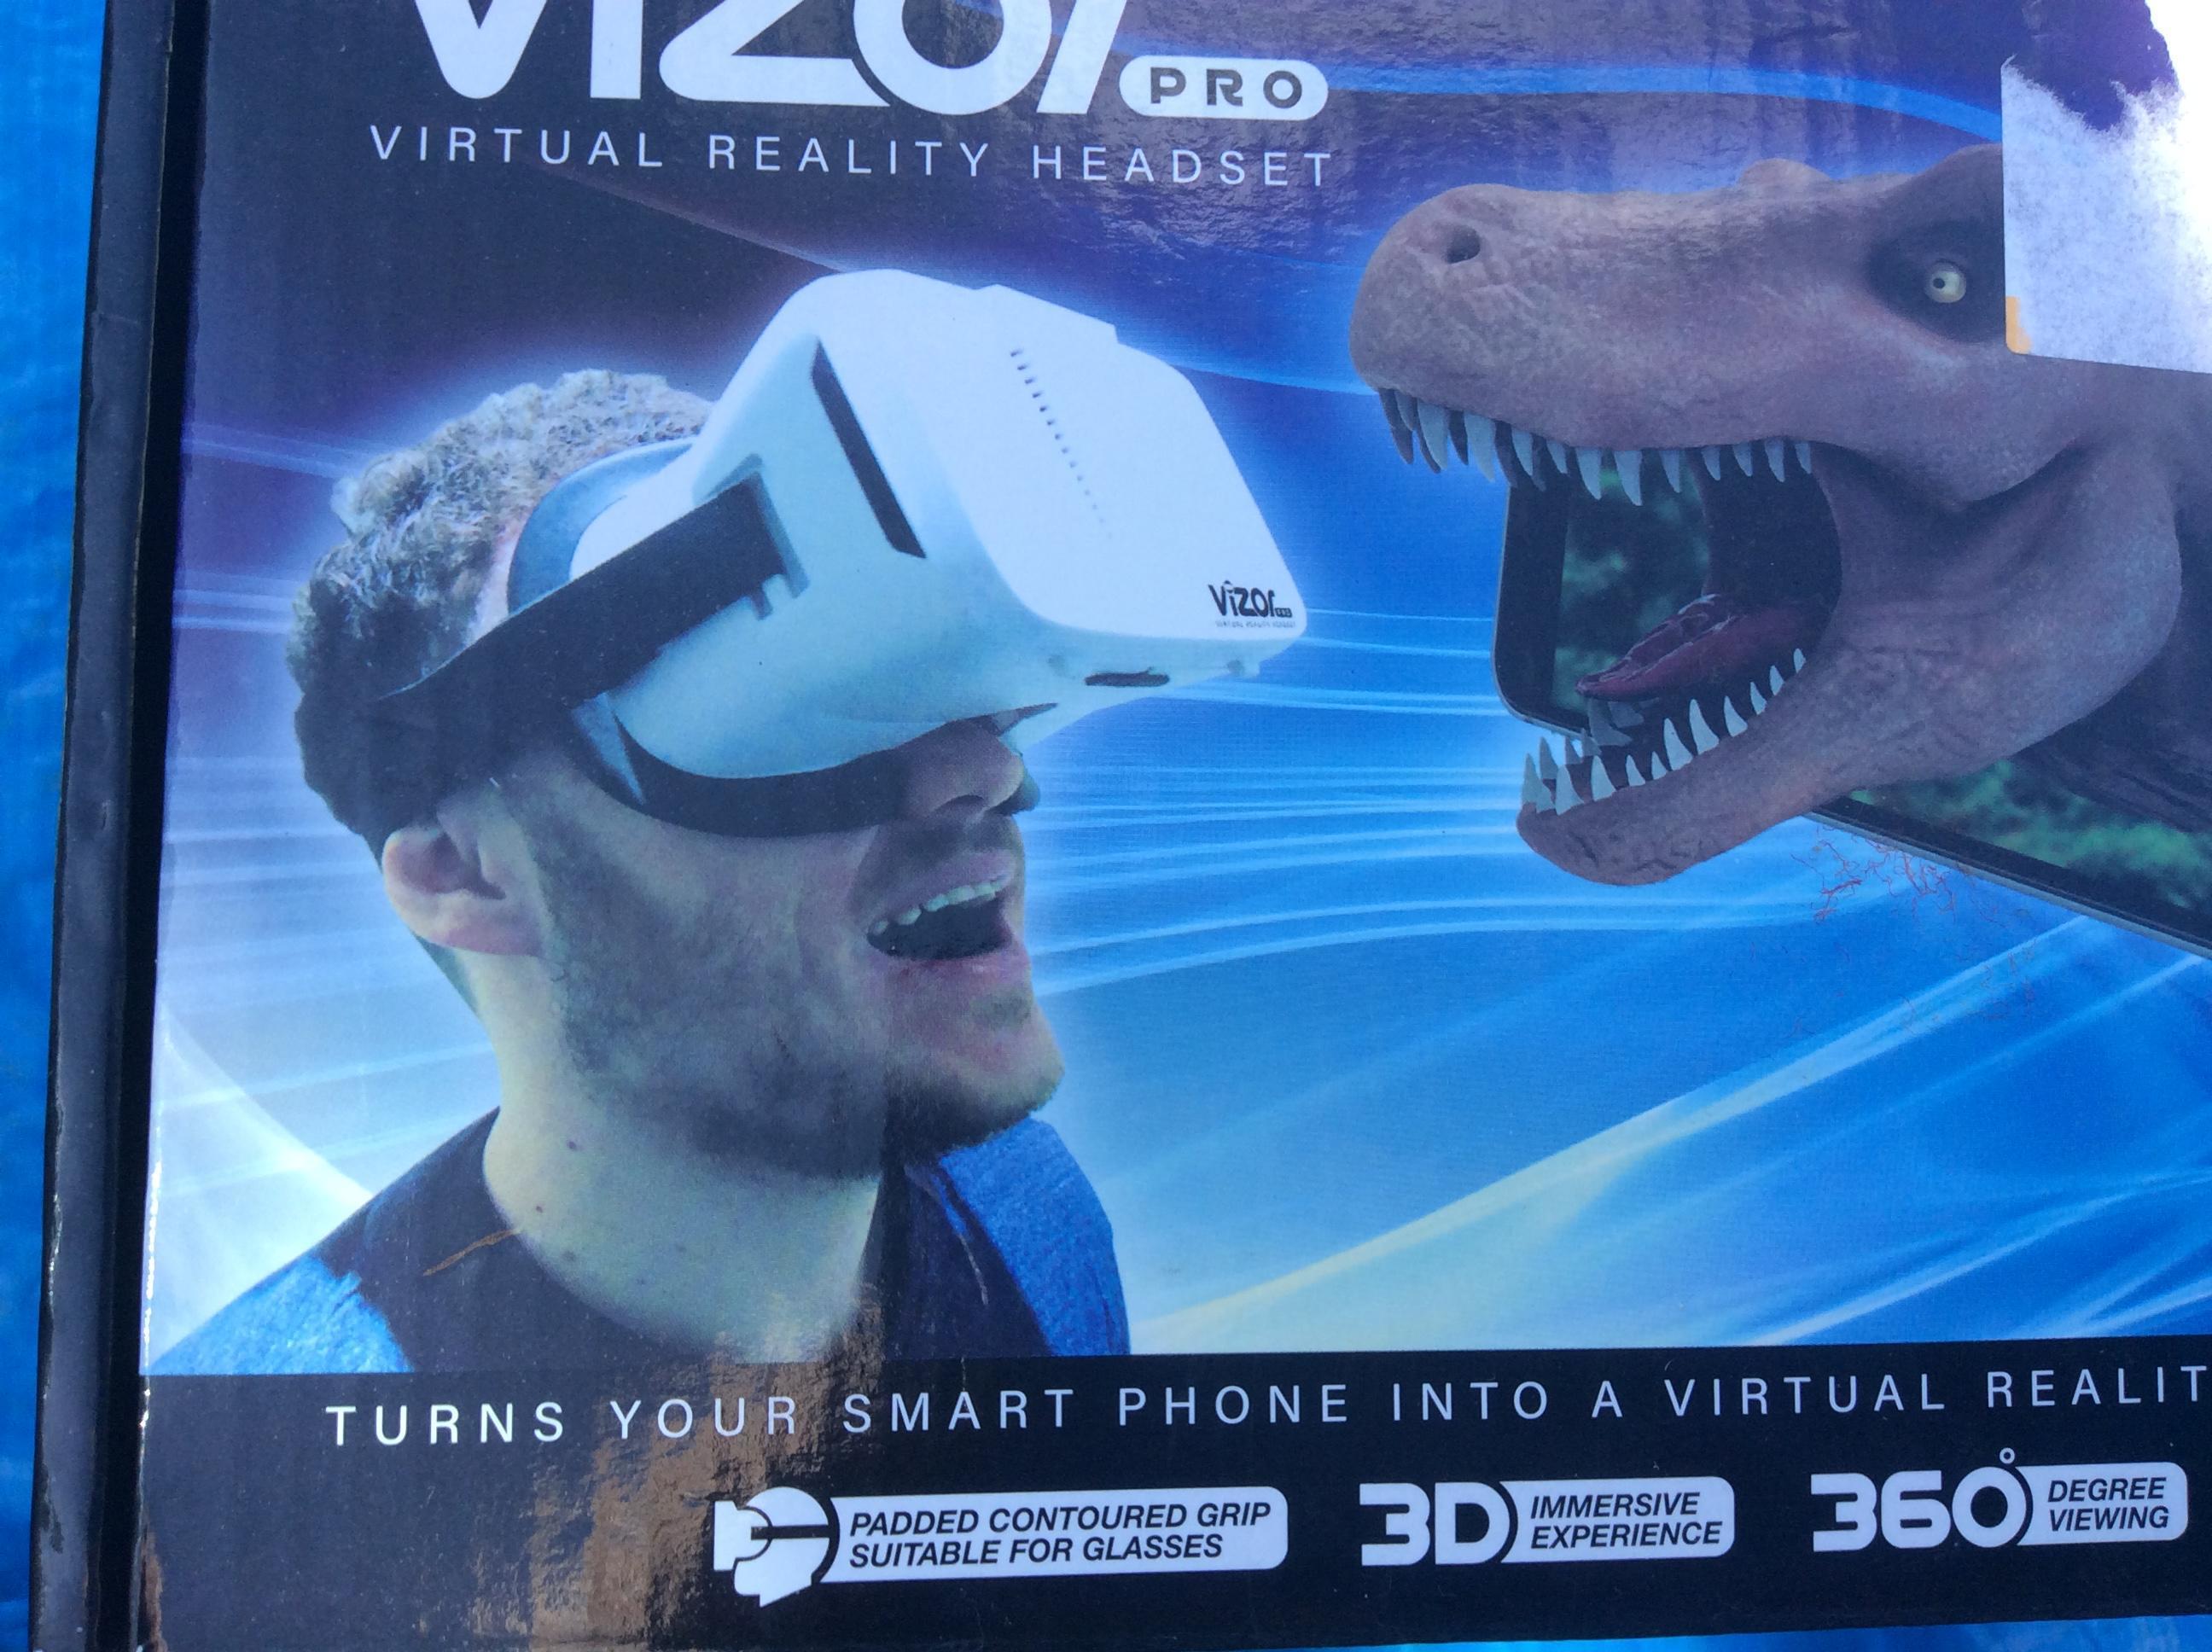 Visor Pro virtual reality headset.